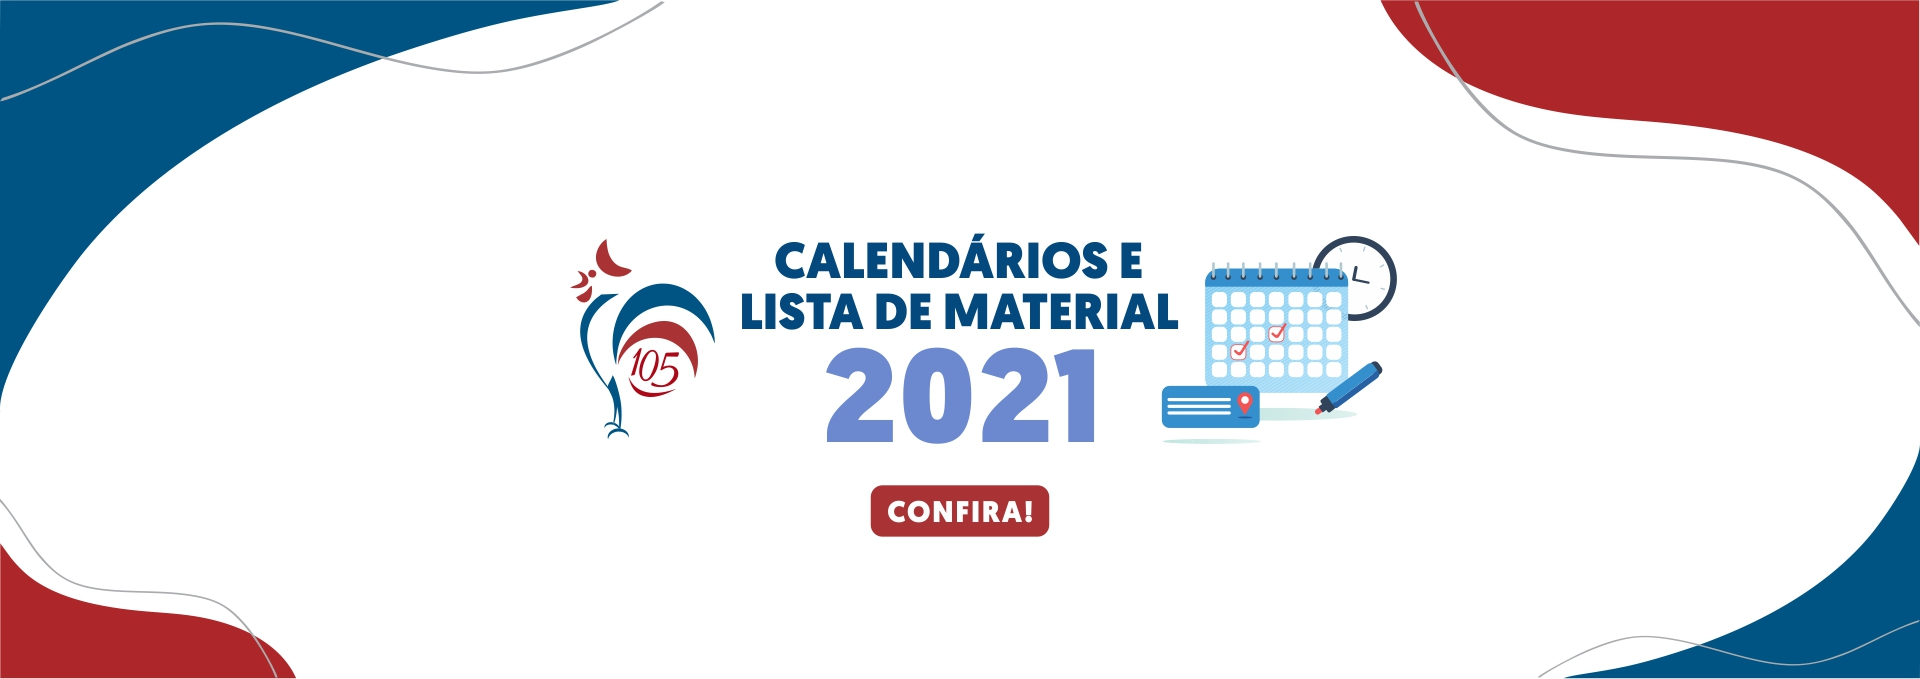 Calendários e Listas de Materiais 2021